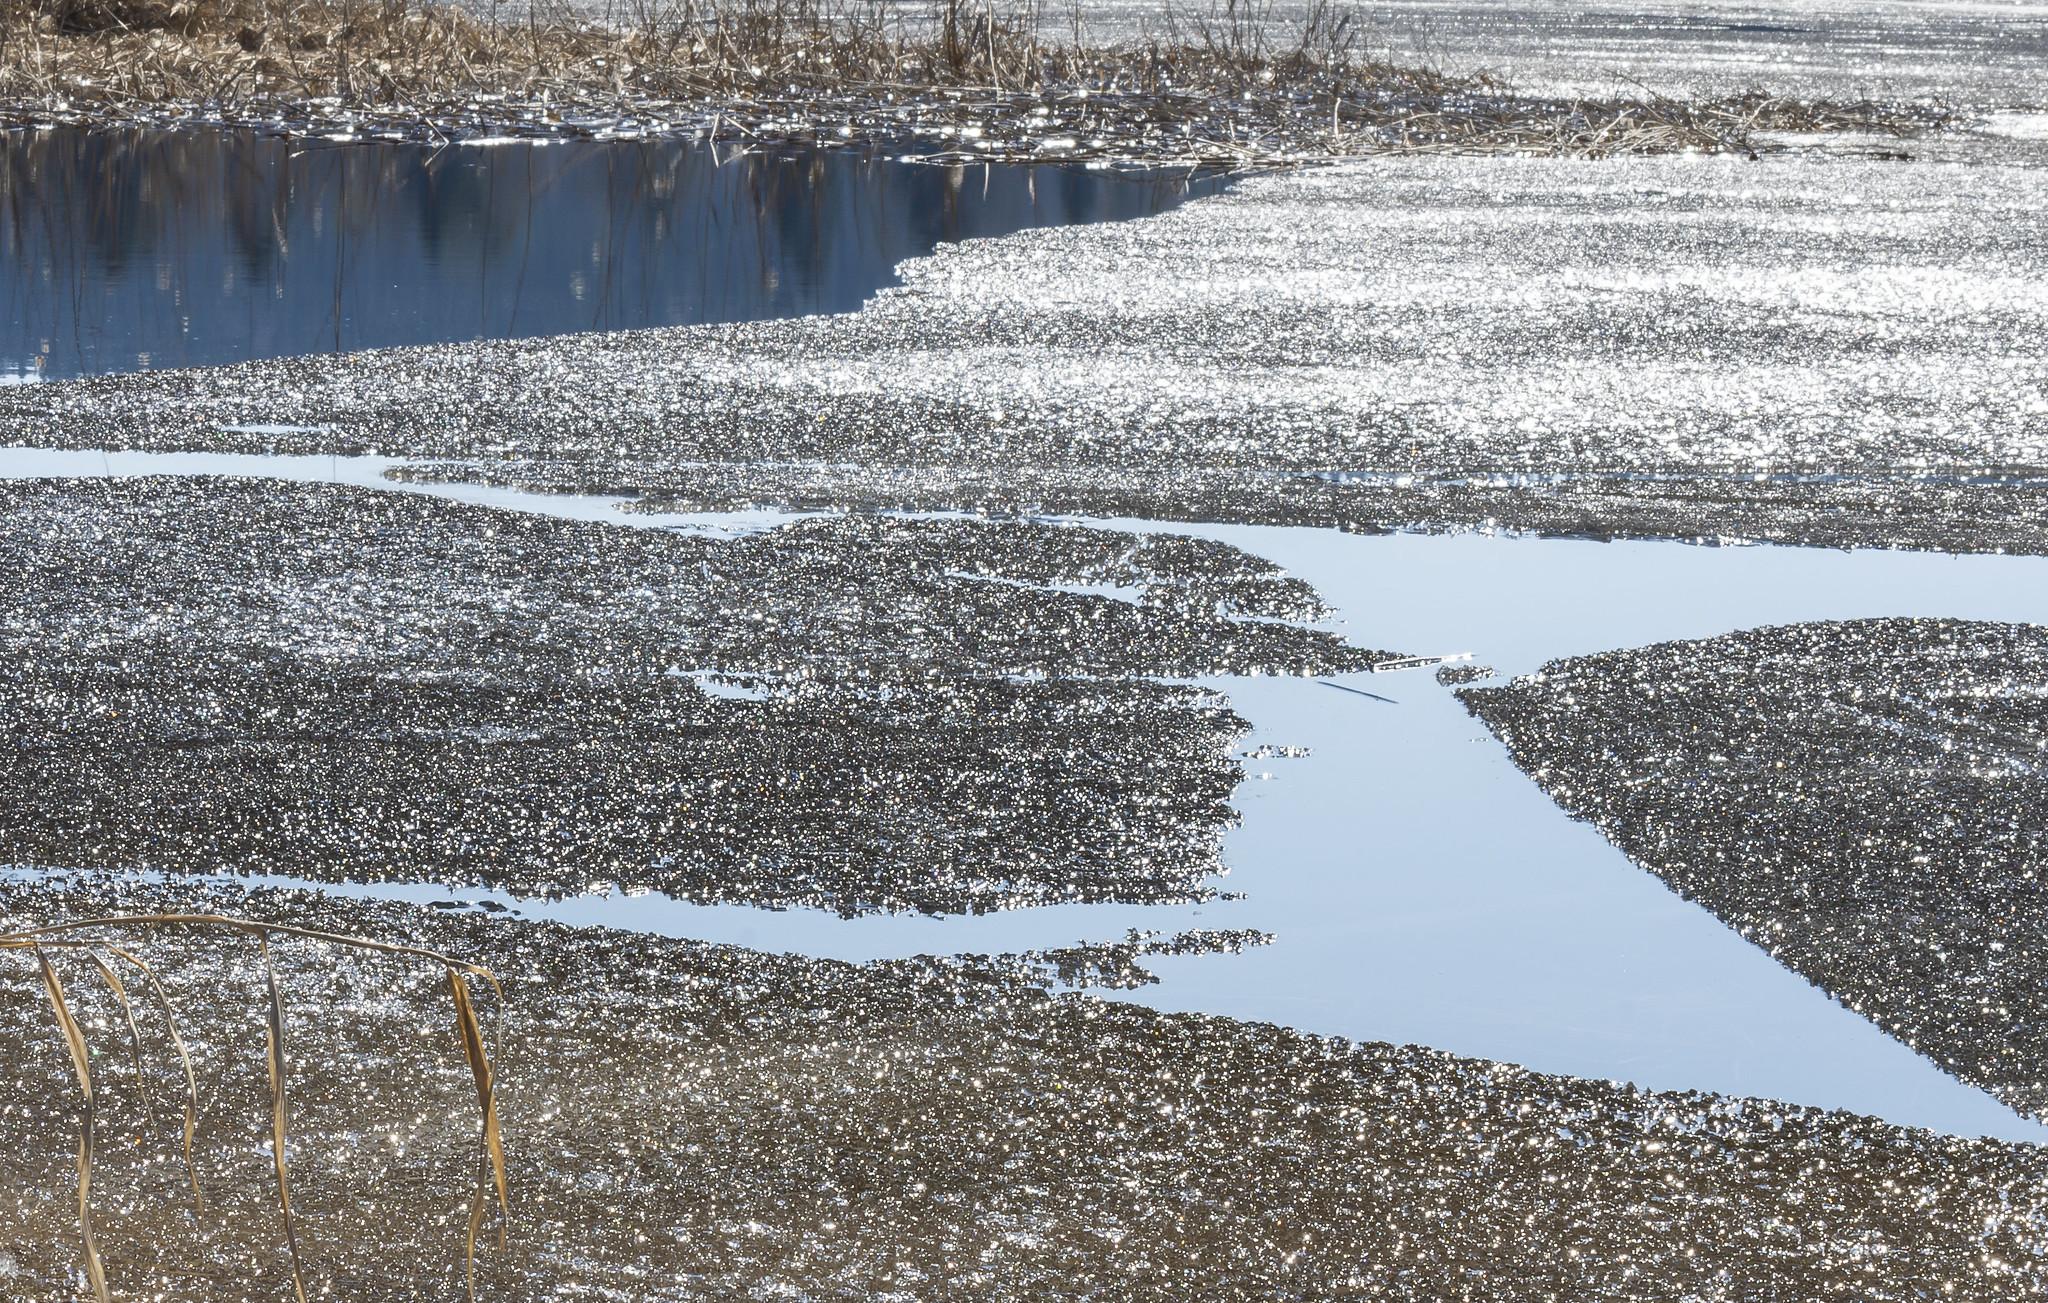 kallaveden jäätilanne matkaseuraa lappiin